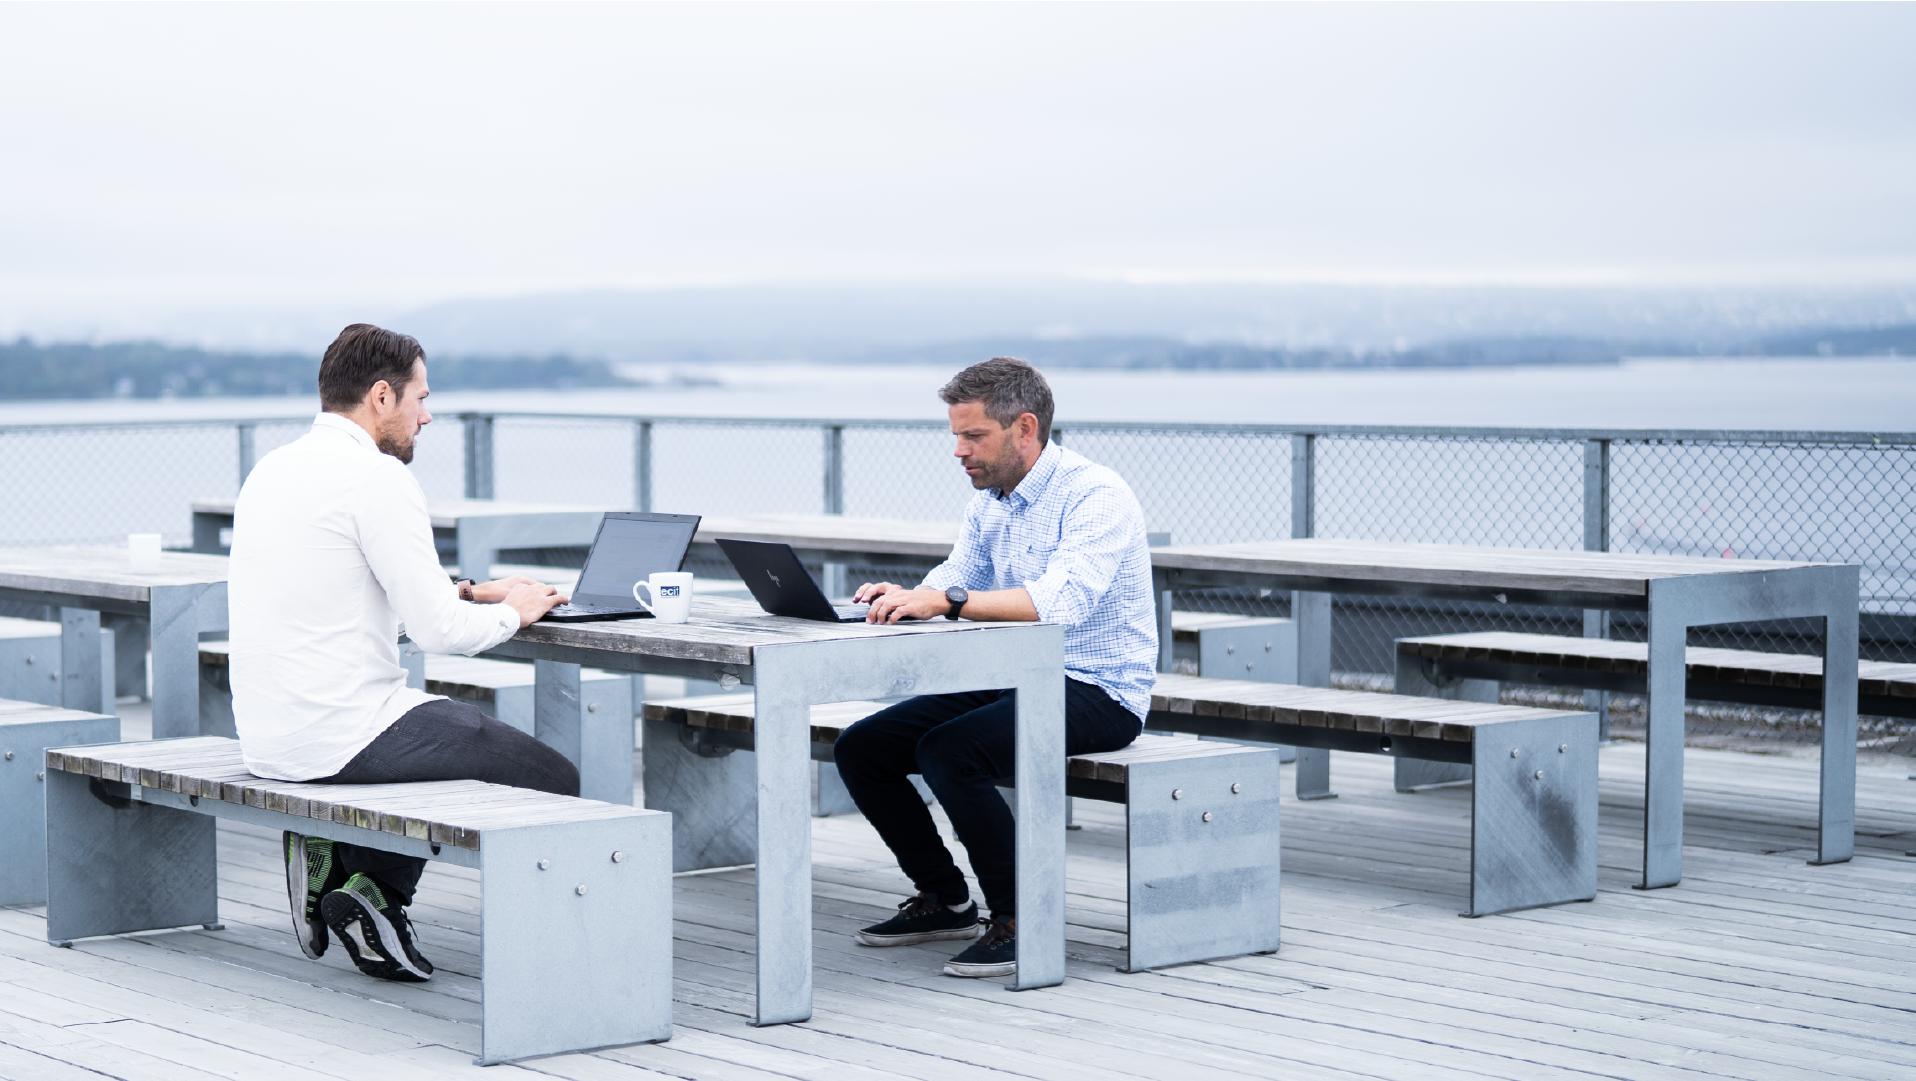 Digital sikkerhet på den moderne arbeidsplassen